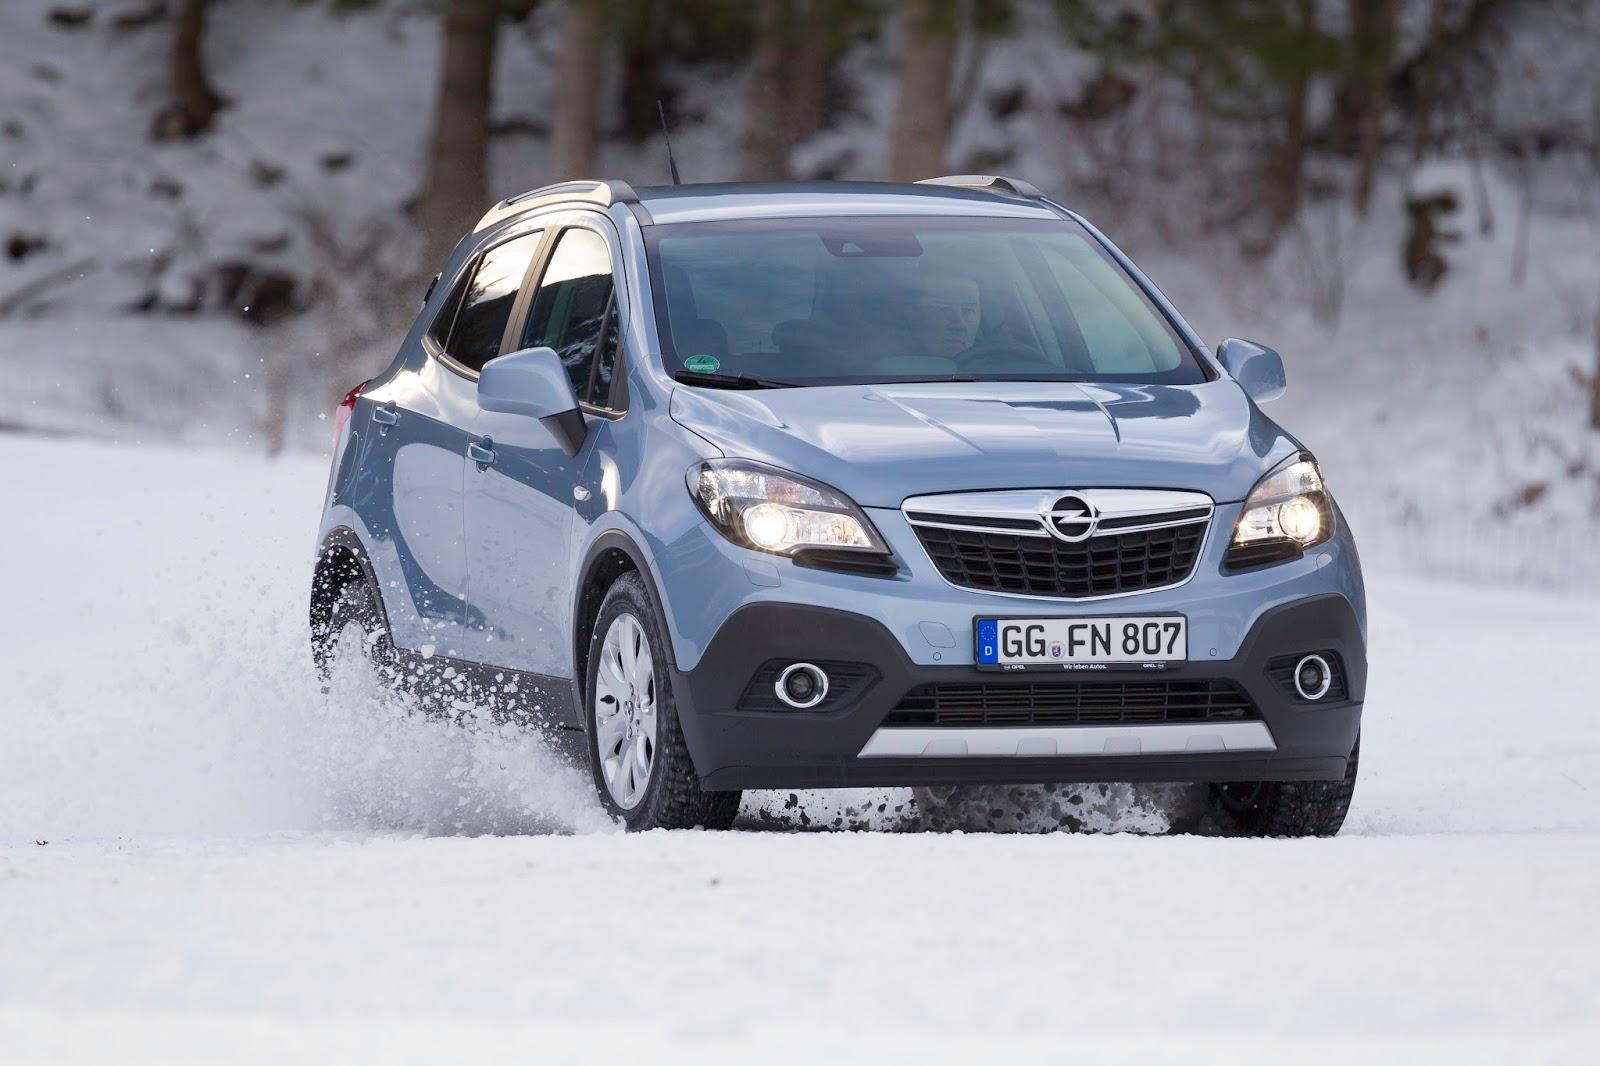 Opel Mokka 289322 Στις 500.000 Έφτασαν οι Παραγγελίες για το Opel Mokka Opel, Opel Mokka, Sales, SUV